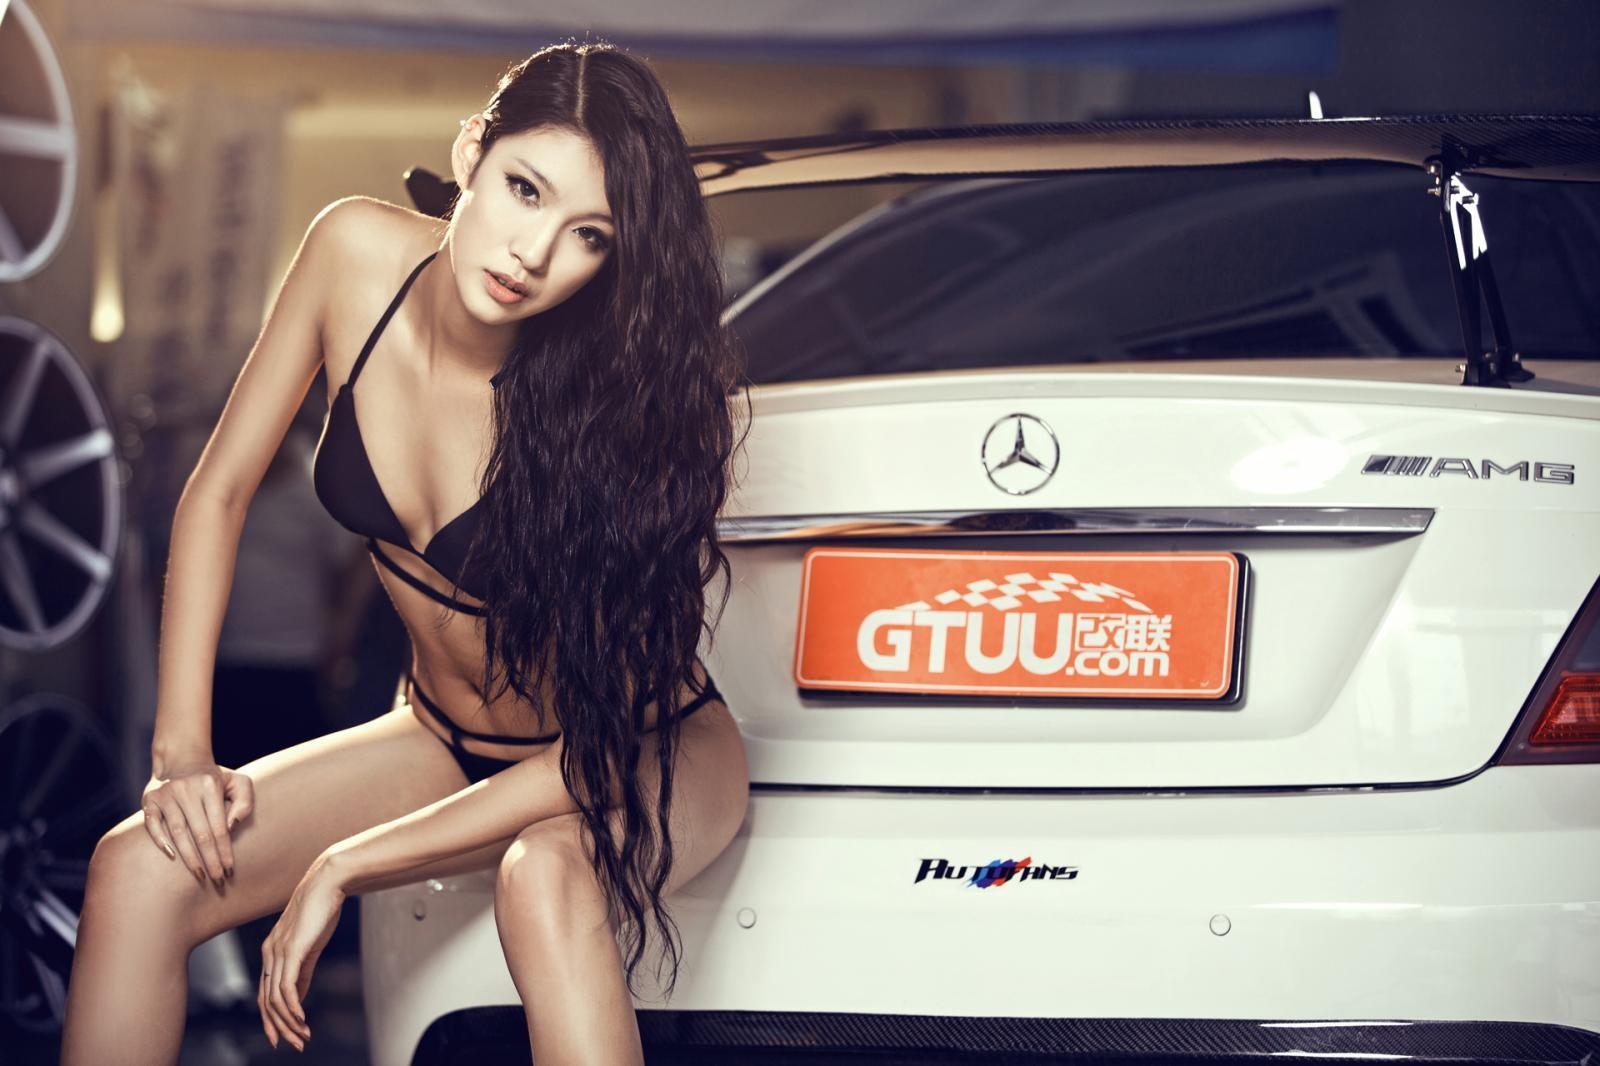 Giai nhân mặc bikini thể hiện thân thể mảnh mai cùng AMG C63 - 7